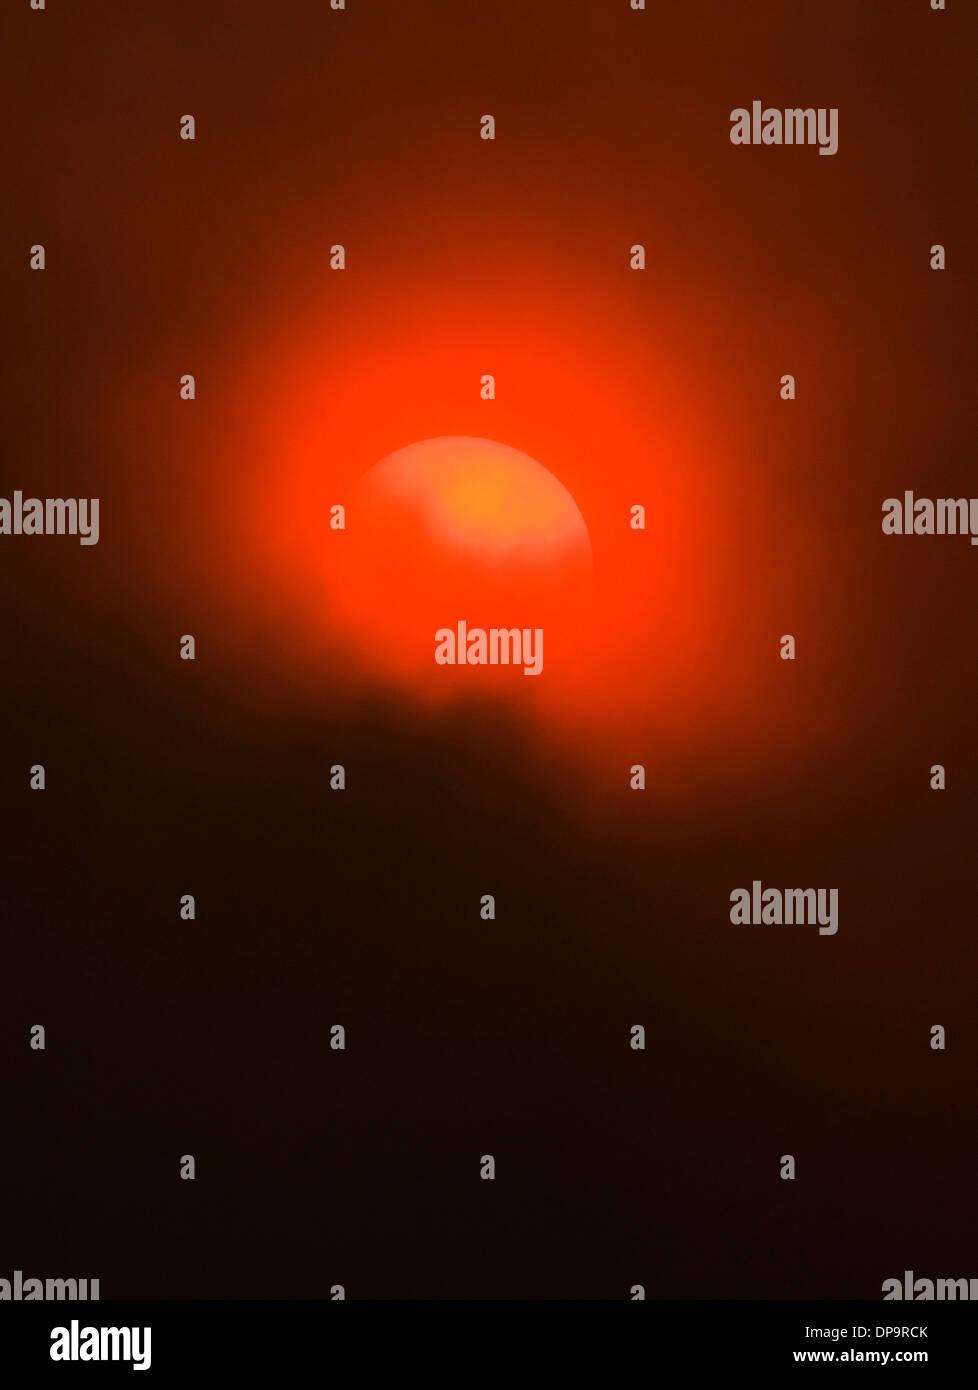 La fumée des feux de forêts crée une étrange lueur orange inhabituelle pour le coucher de soleil. Photo Stock